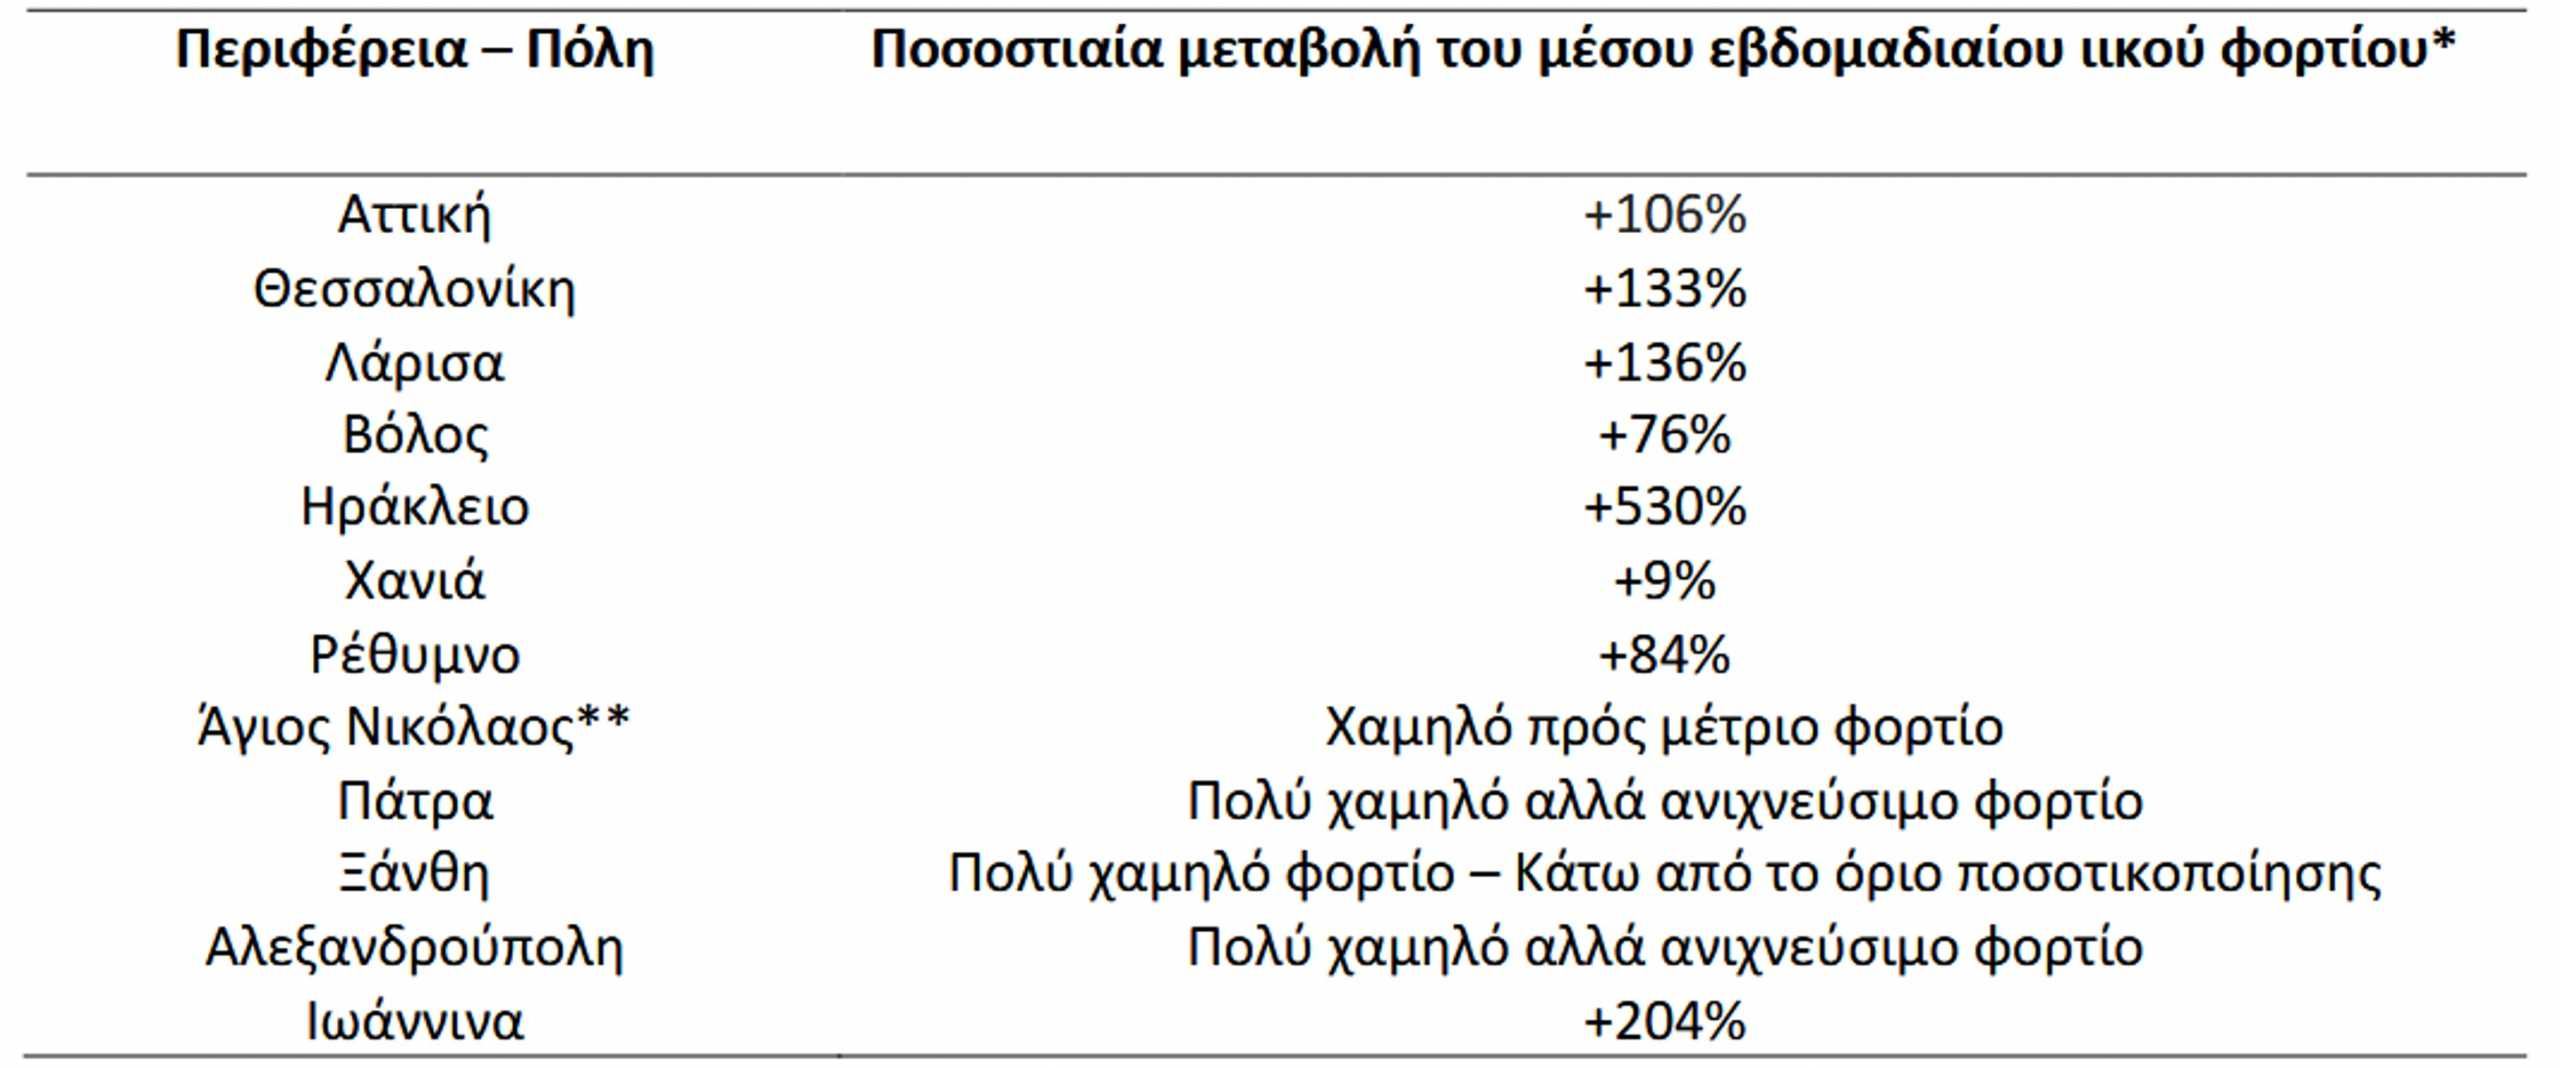 Κορονοϊός – Λύματα: «Απογείωση» του ιικού φορτίου – Αύξηση 530% στο Ηράκλειο